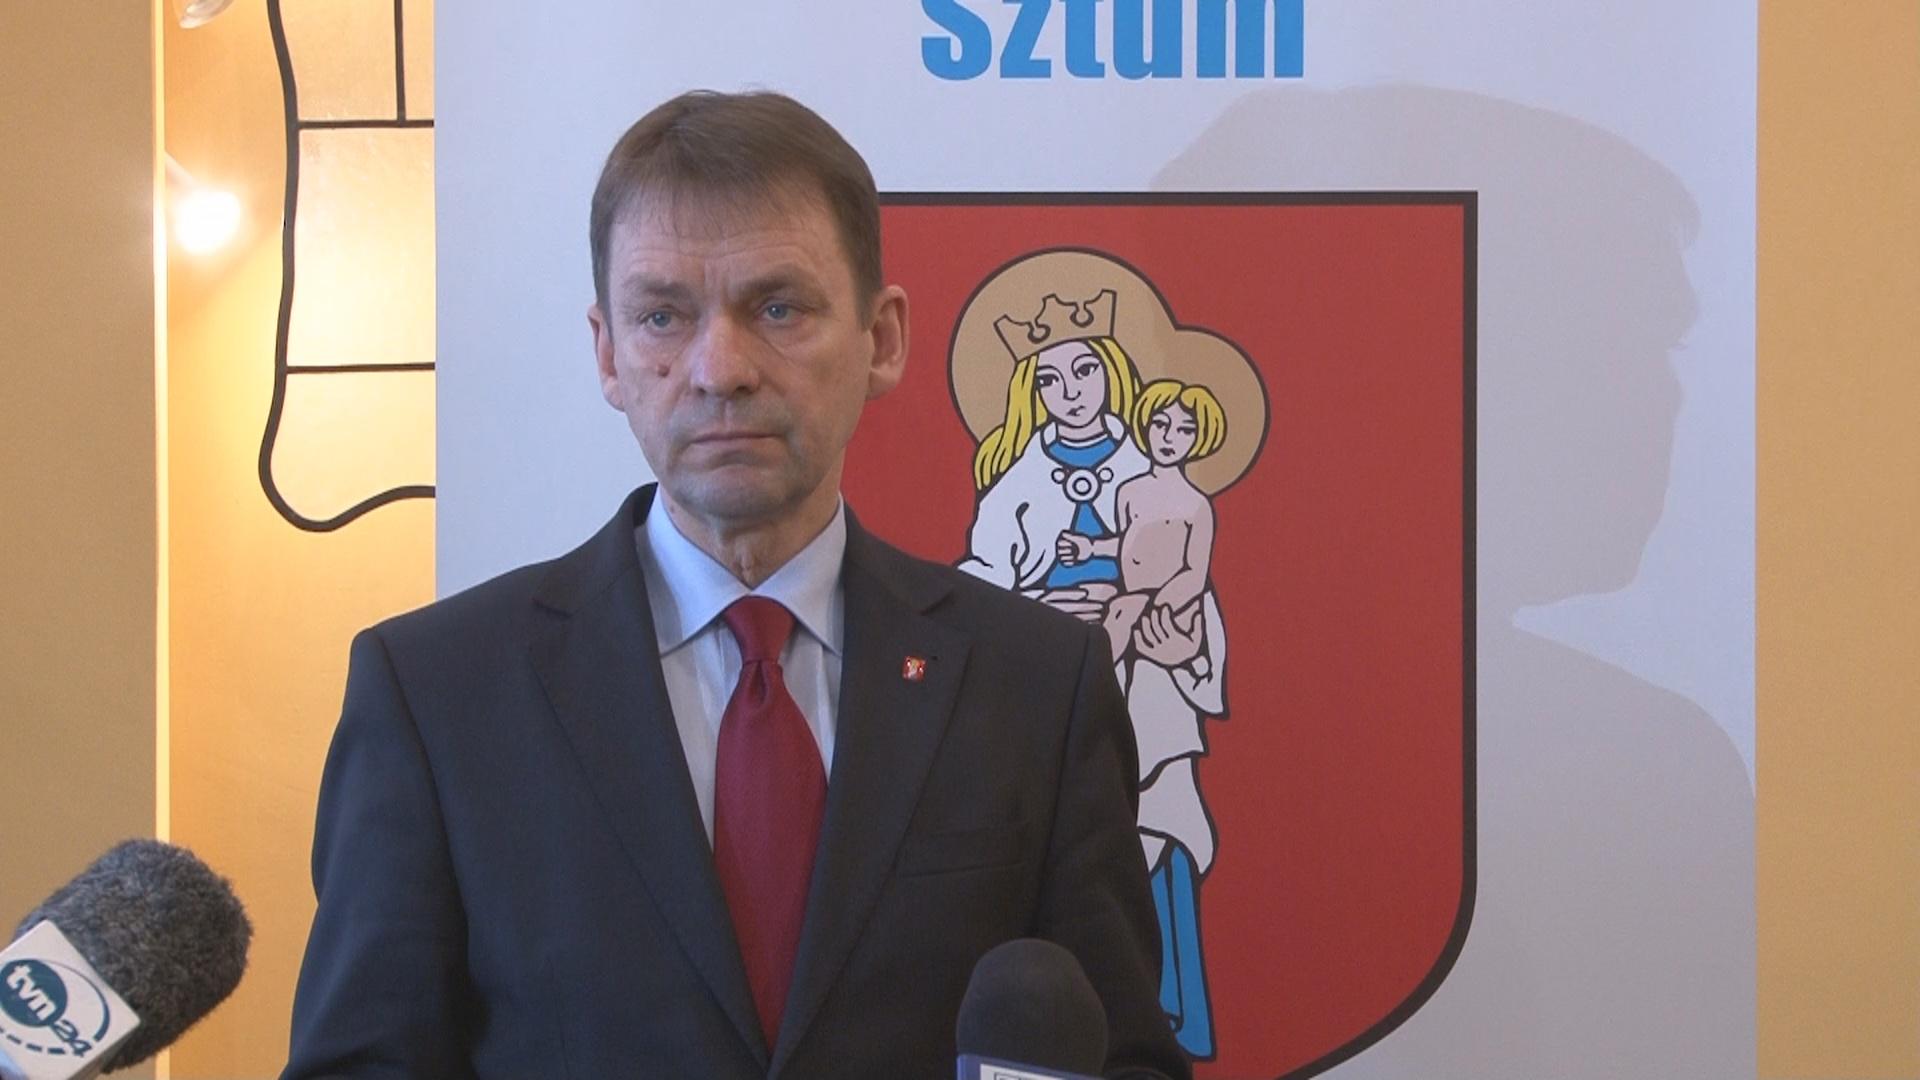 na sprzedaż online świetne dopasowanie ceny detaliczne Przyznał się do winy. Briefing prasowy Burmistrza Miasta i ...